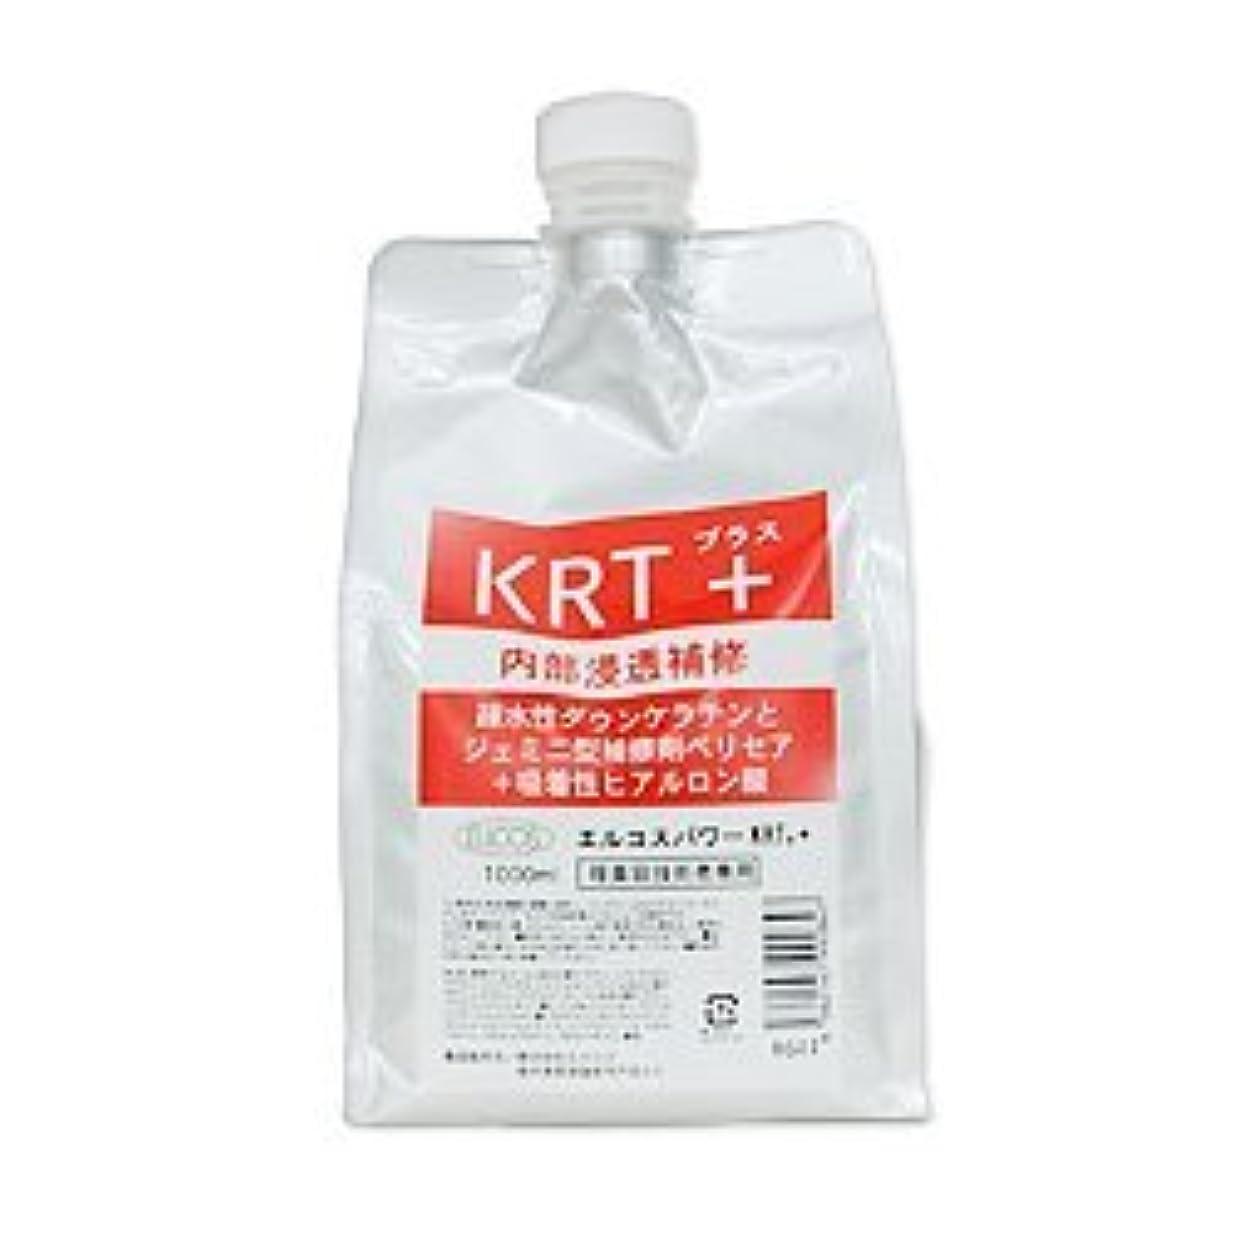 スポーツマンバラエティファウルエルコス パワー KRT+ 1000ml(詰替用)(トリートメント)